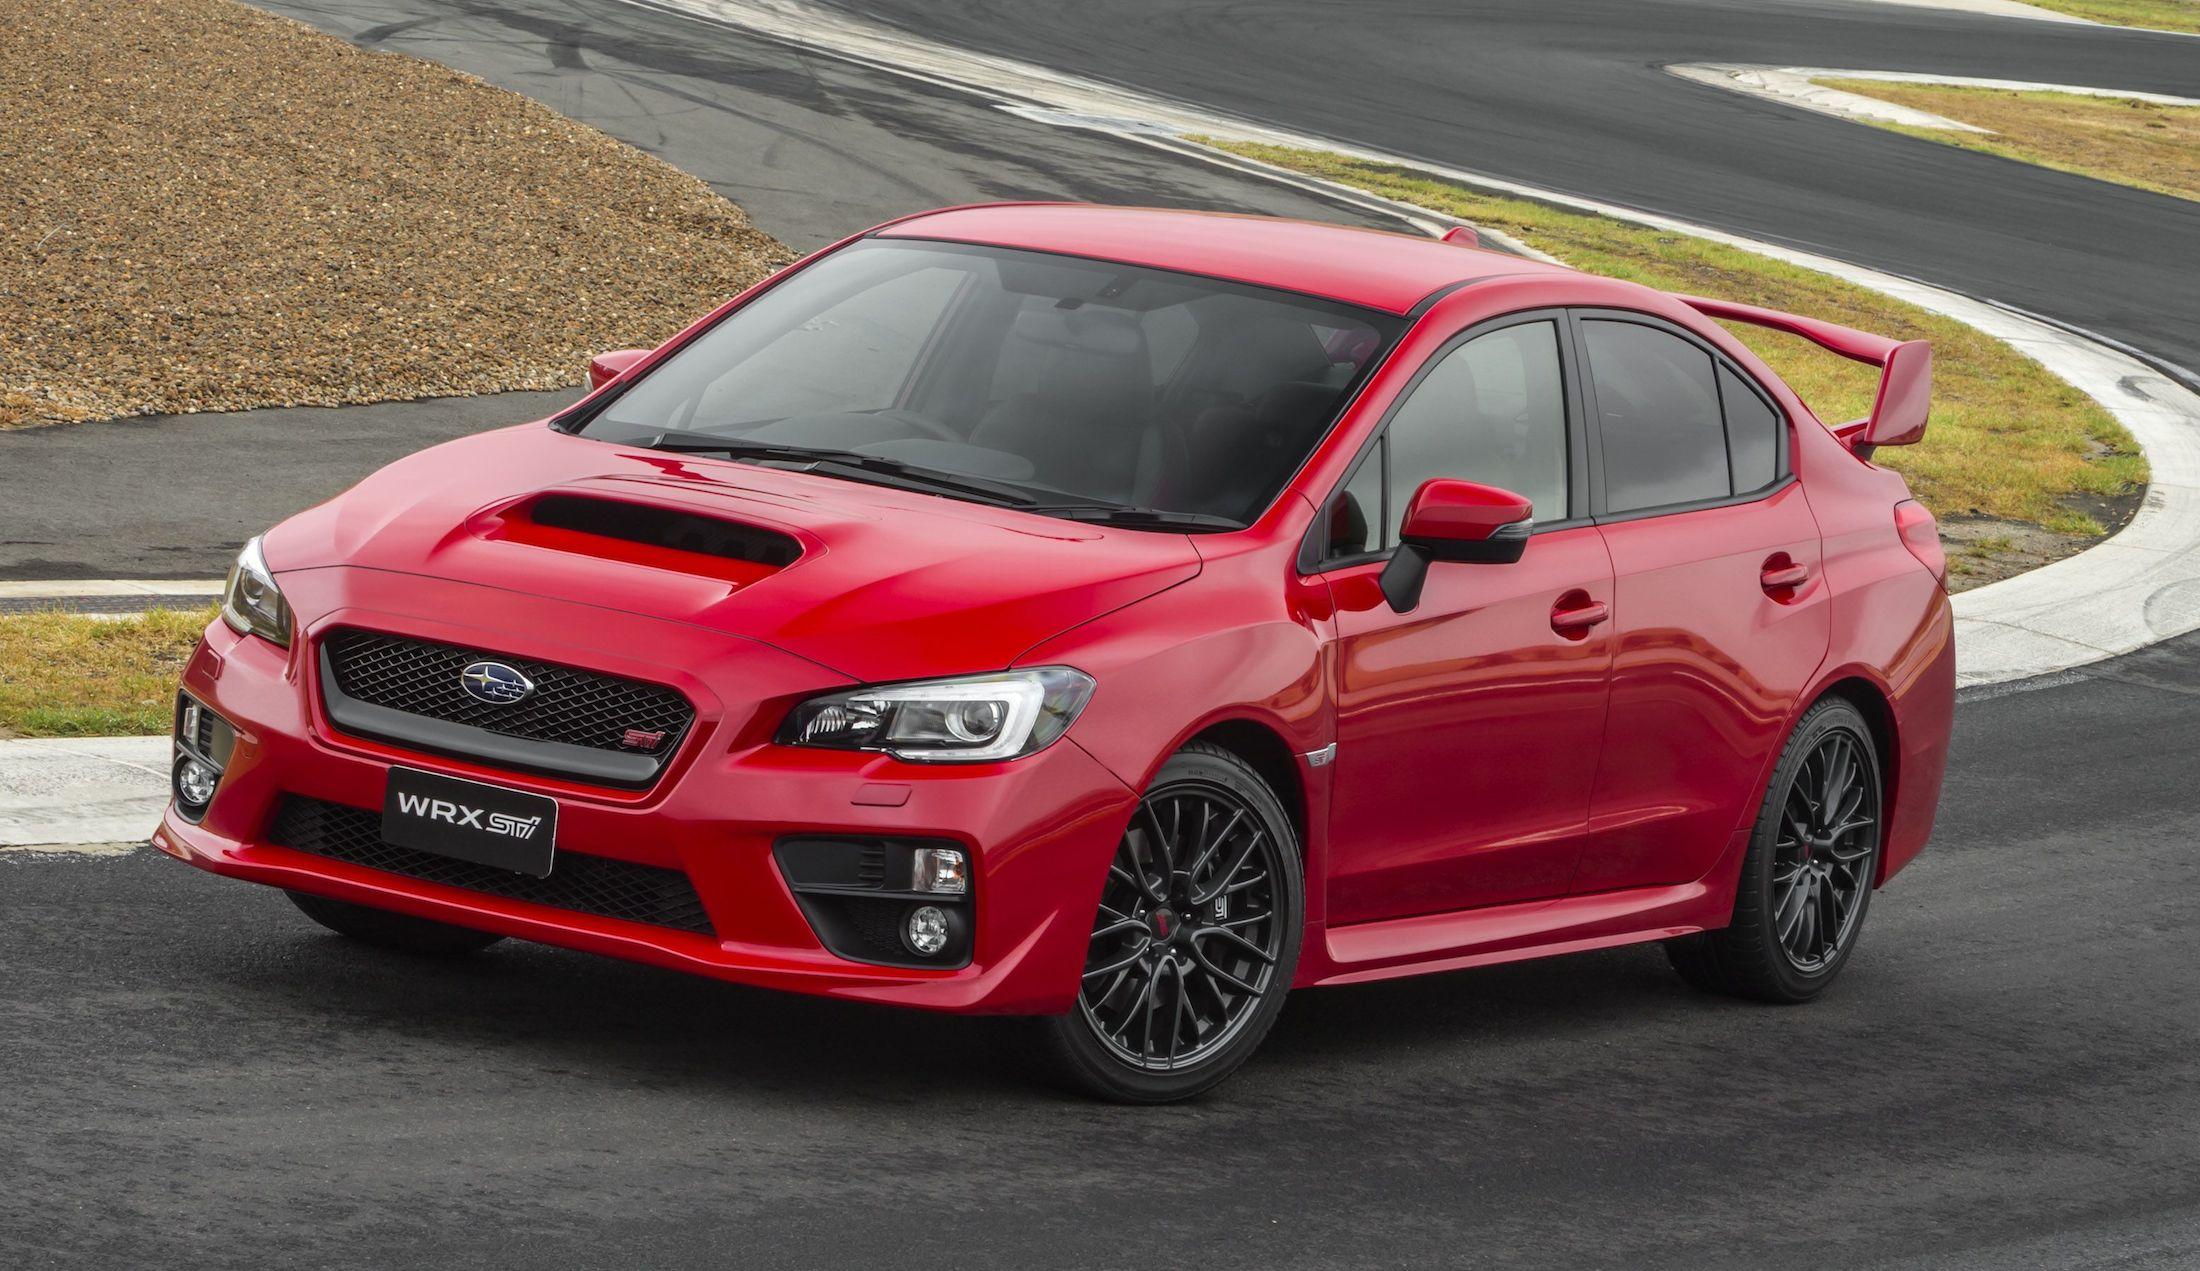 Subaru Wrx Review Car And Driver